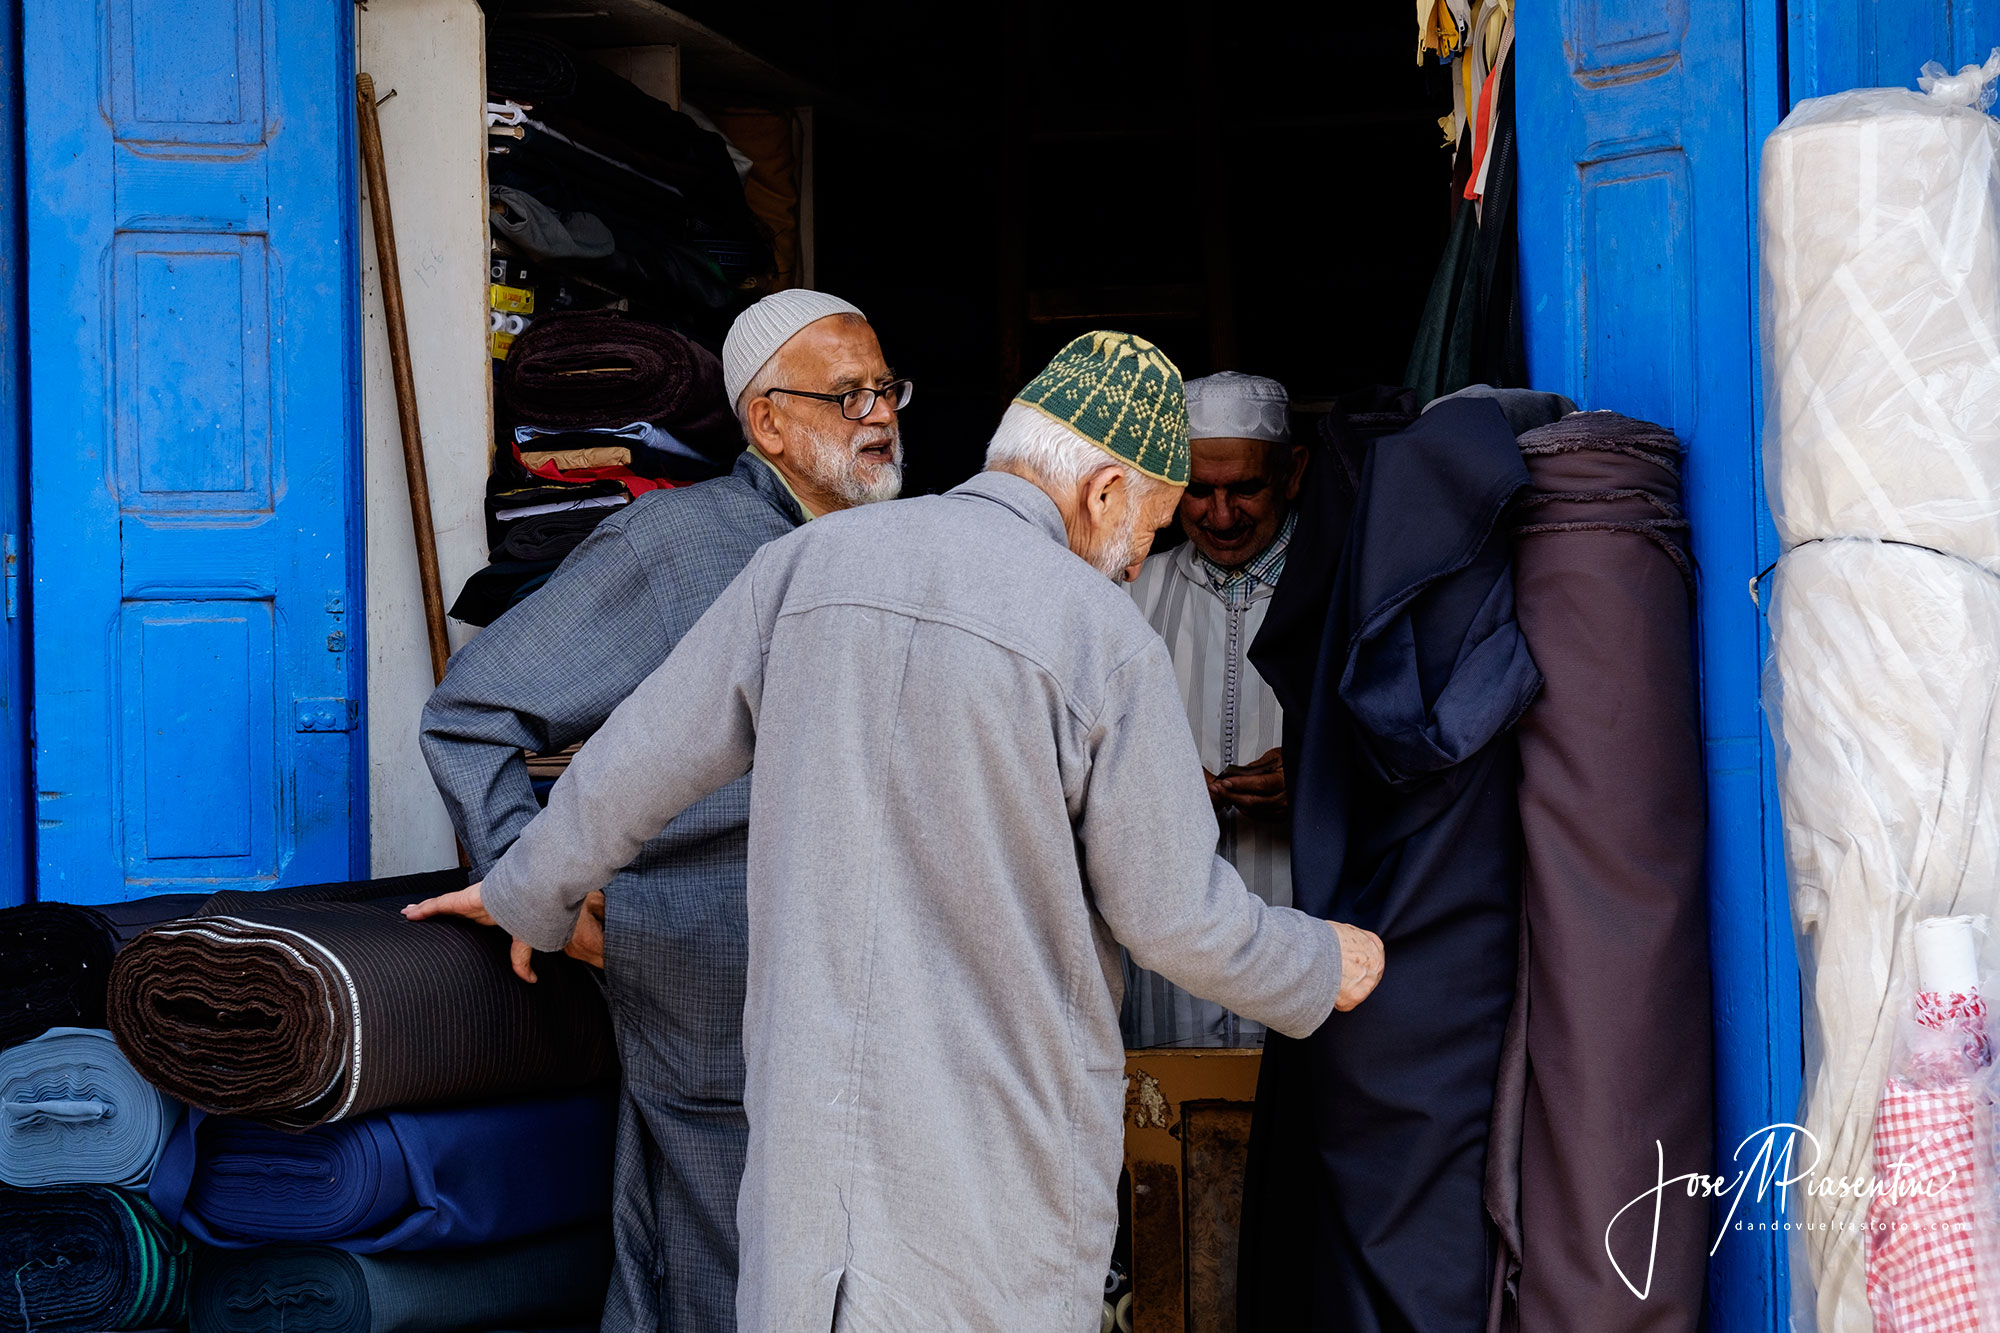 La gente de marruecos en imagenes